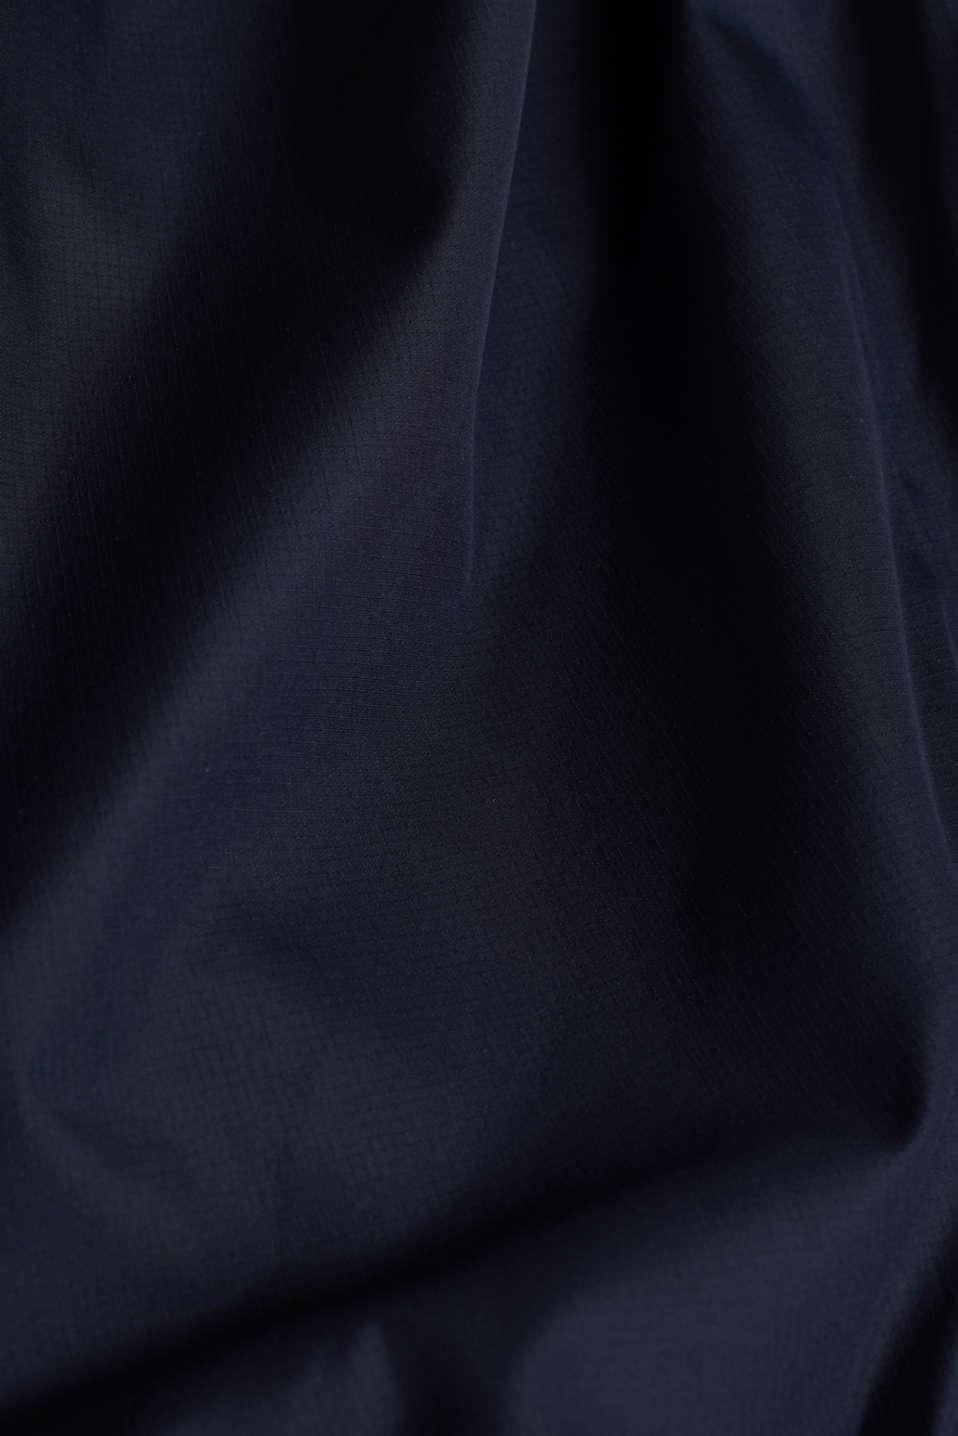 Windbreaker with hood, DARK BLUE, detail image number 4